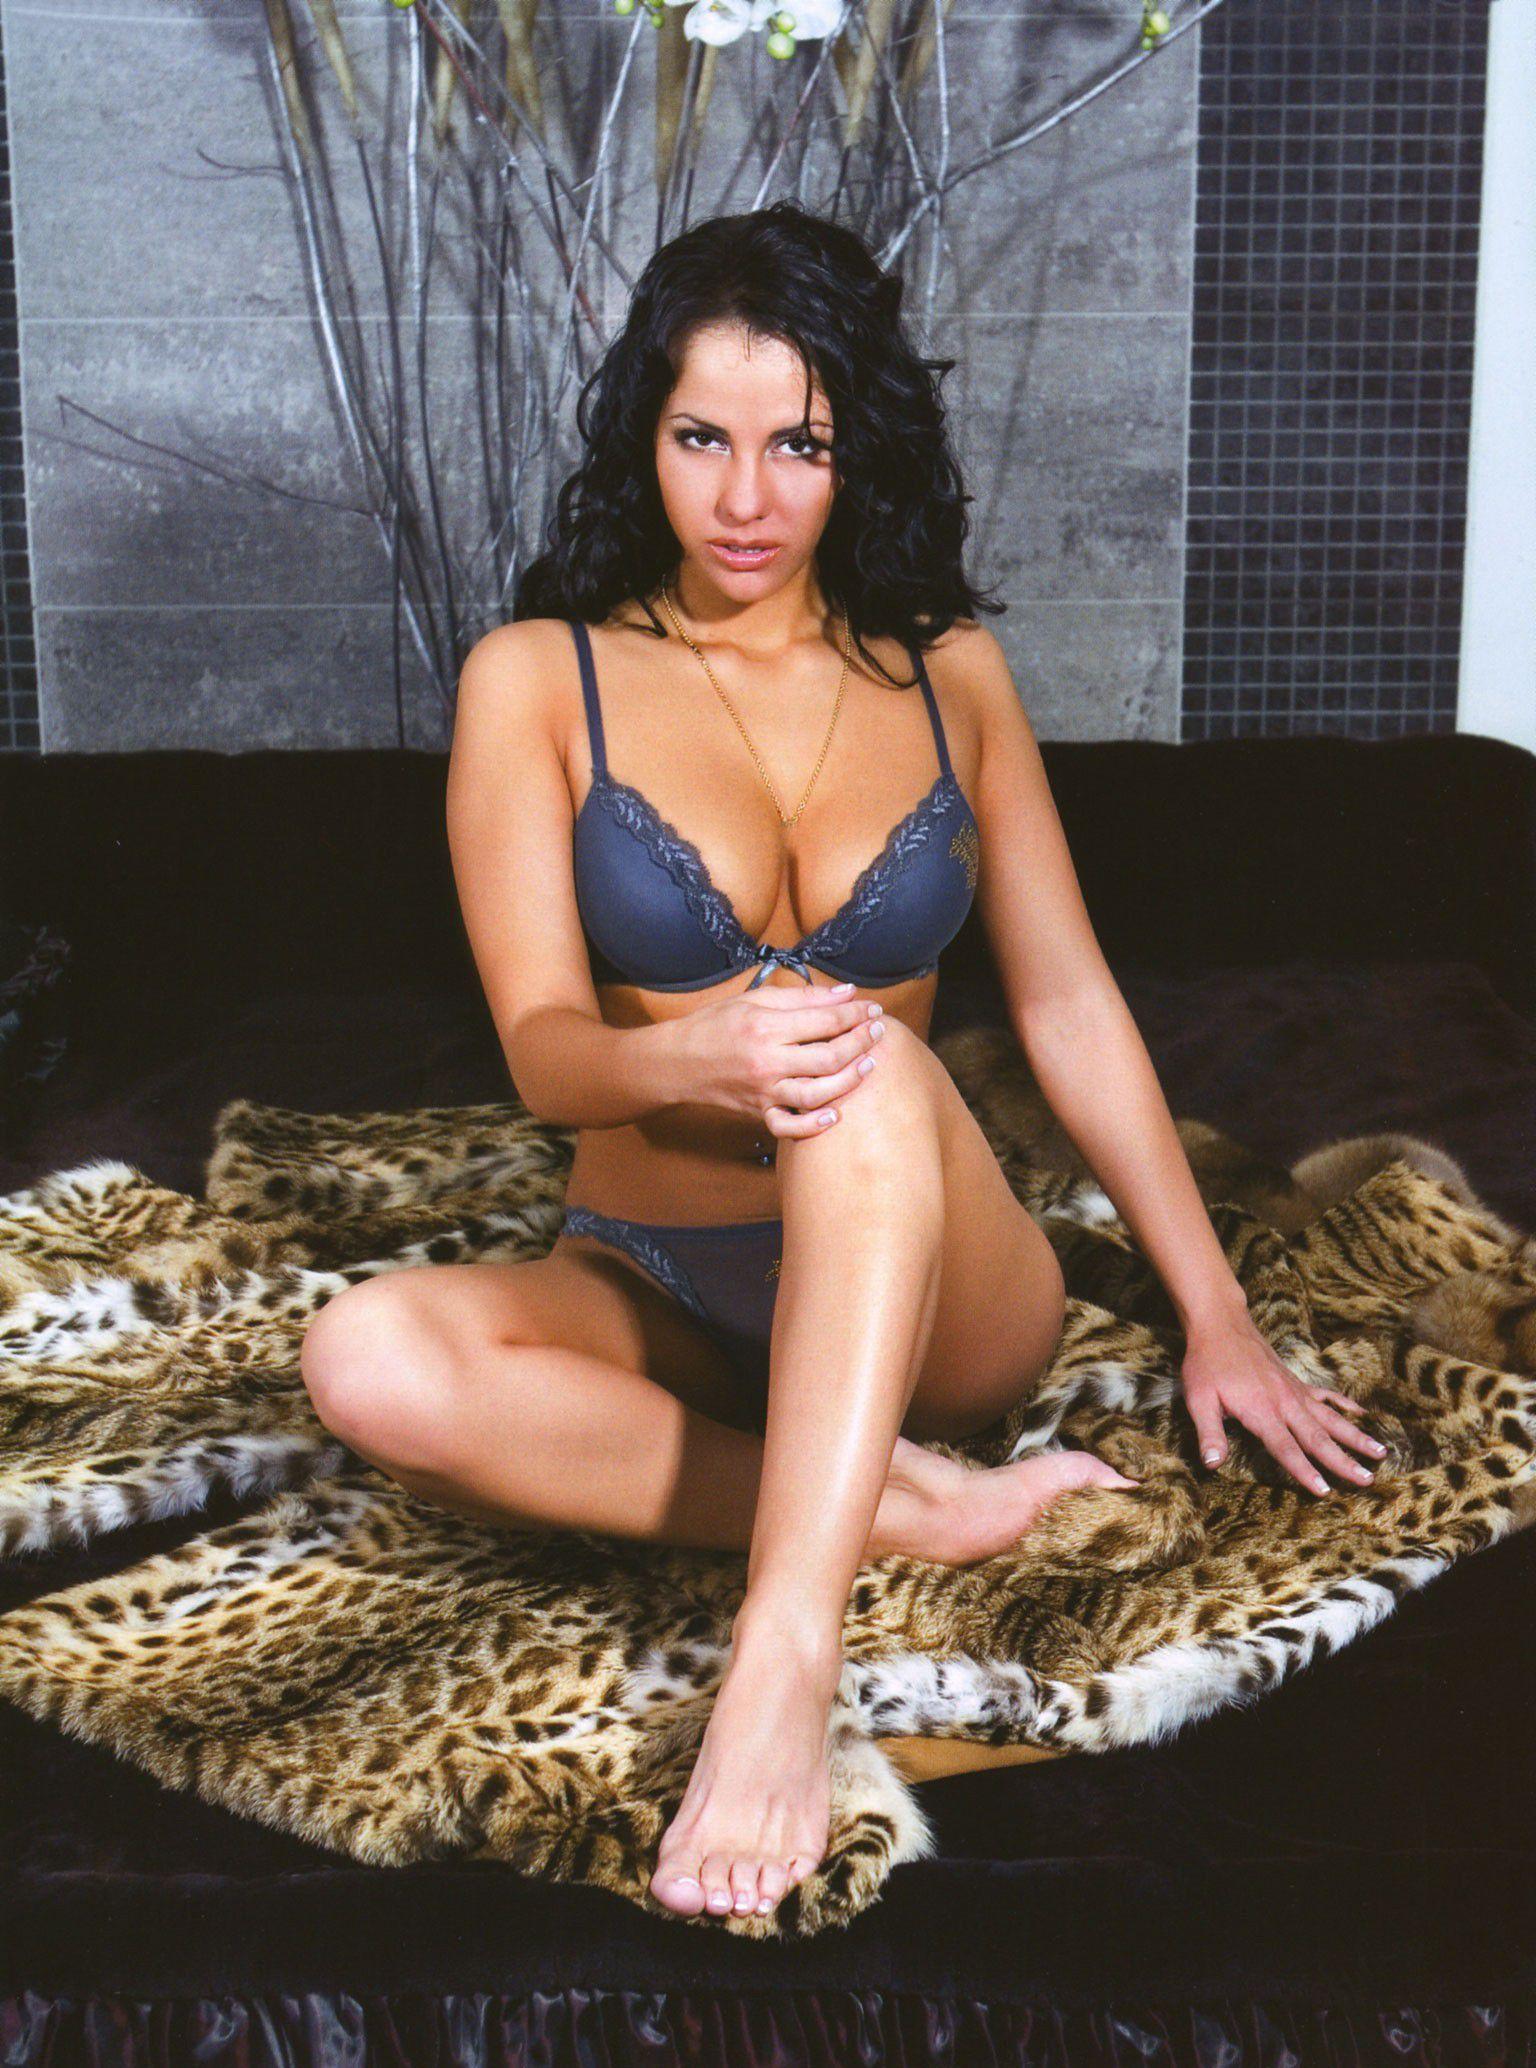 лена беркова порно бесплатно онлайн